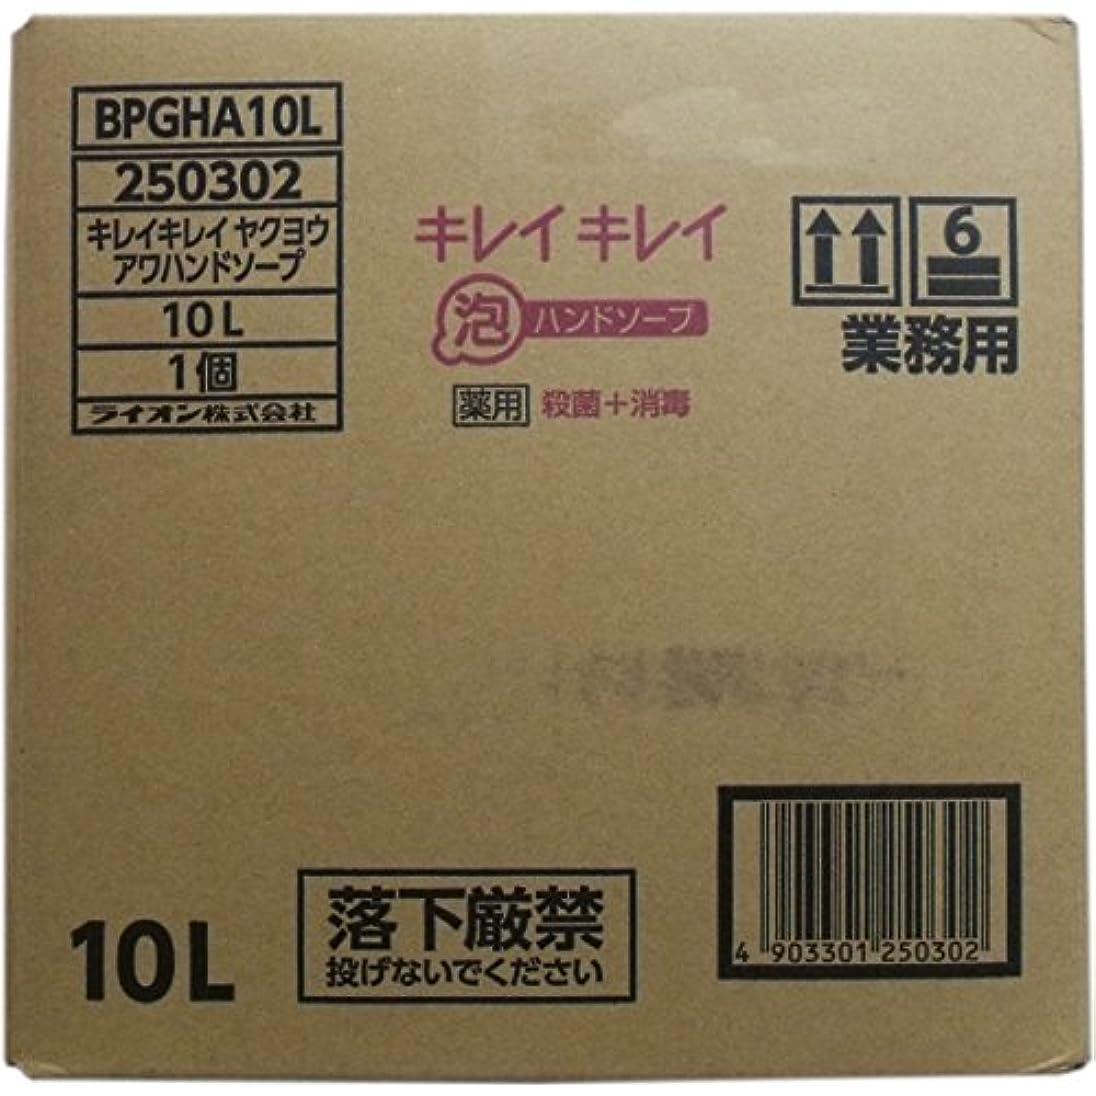 微視的走るお業務用キレイキレイ 薬用泡ハンドソープ 10L×2個セット